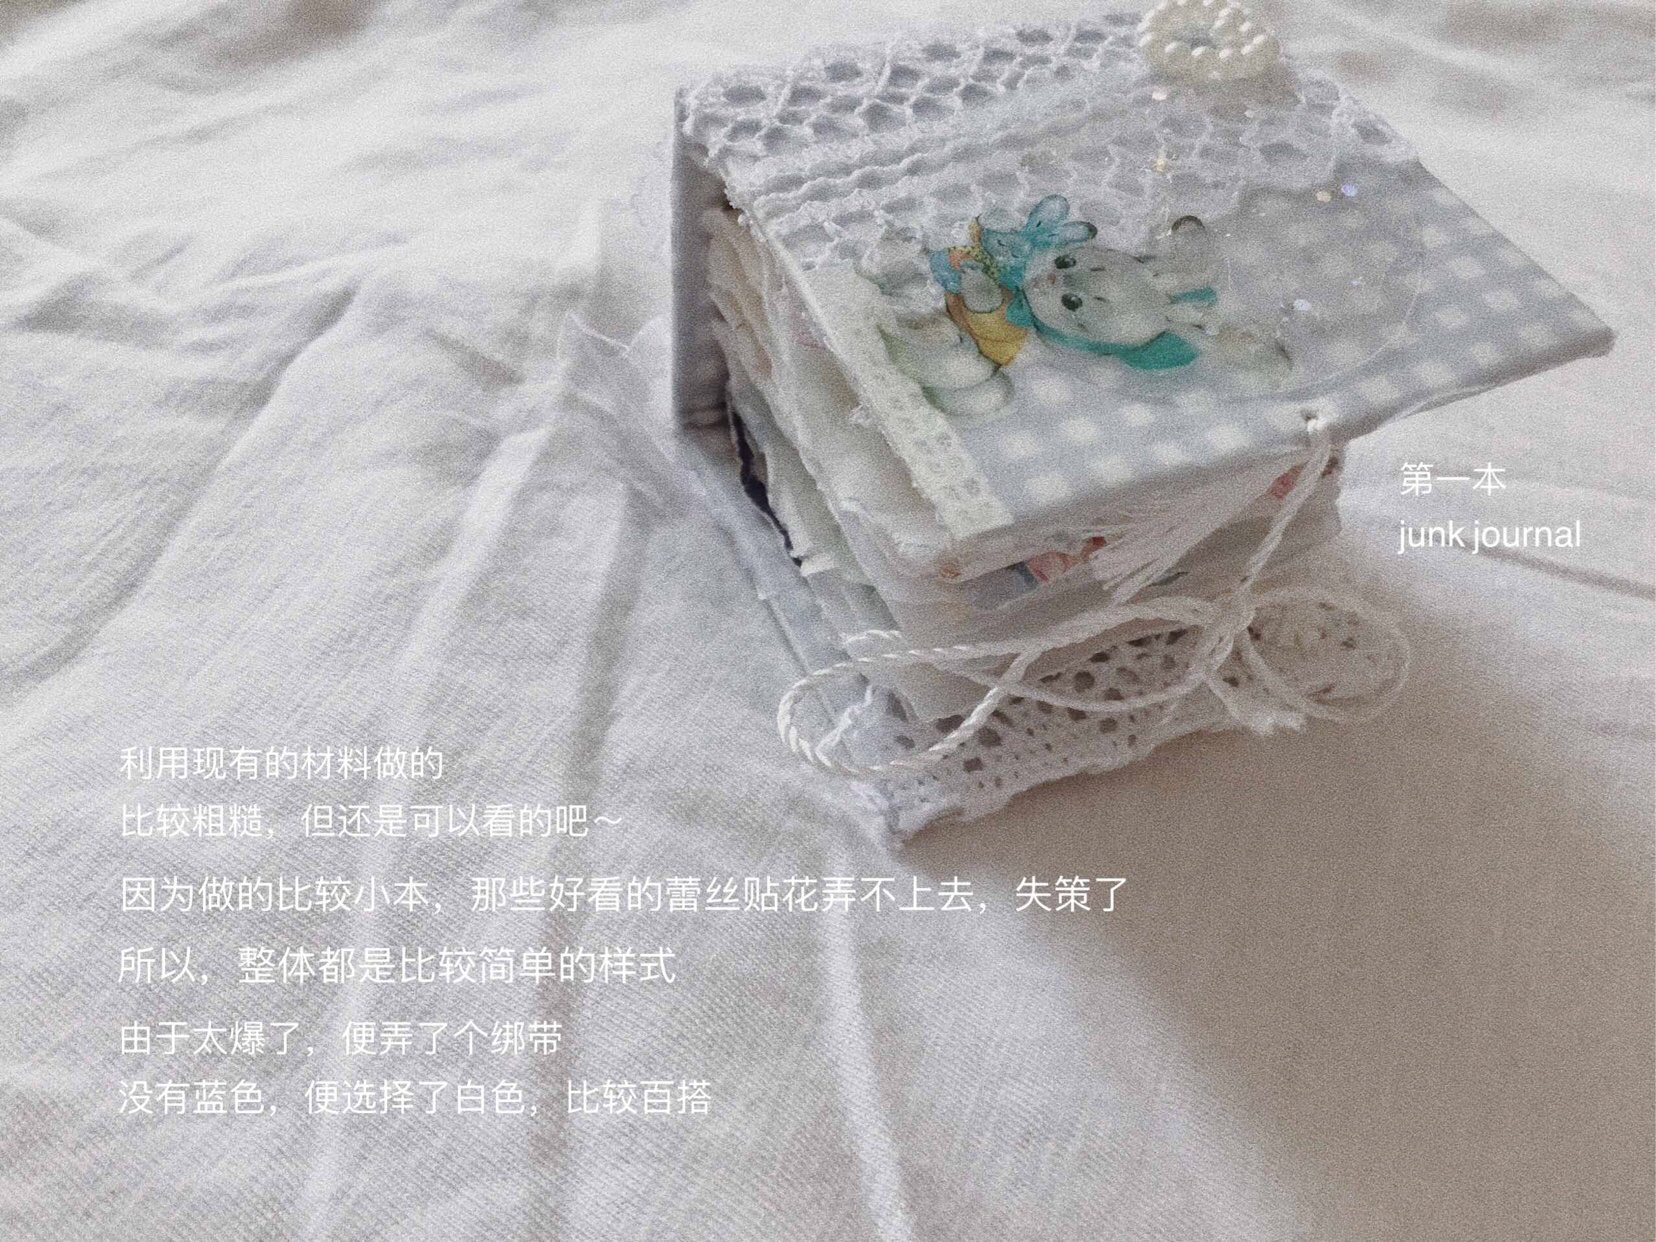 手帐 #不哭-Sunnee[音乐]#... ,手帐工具